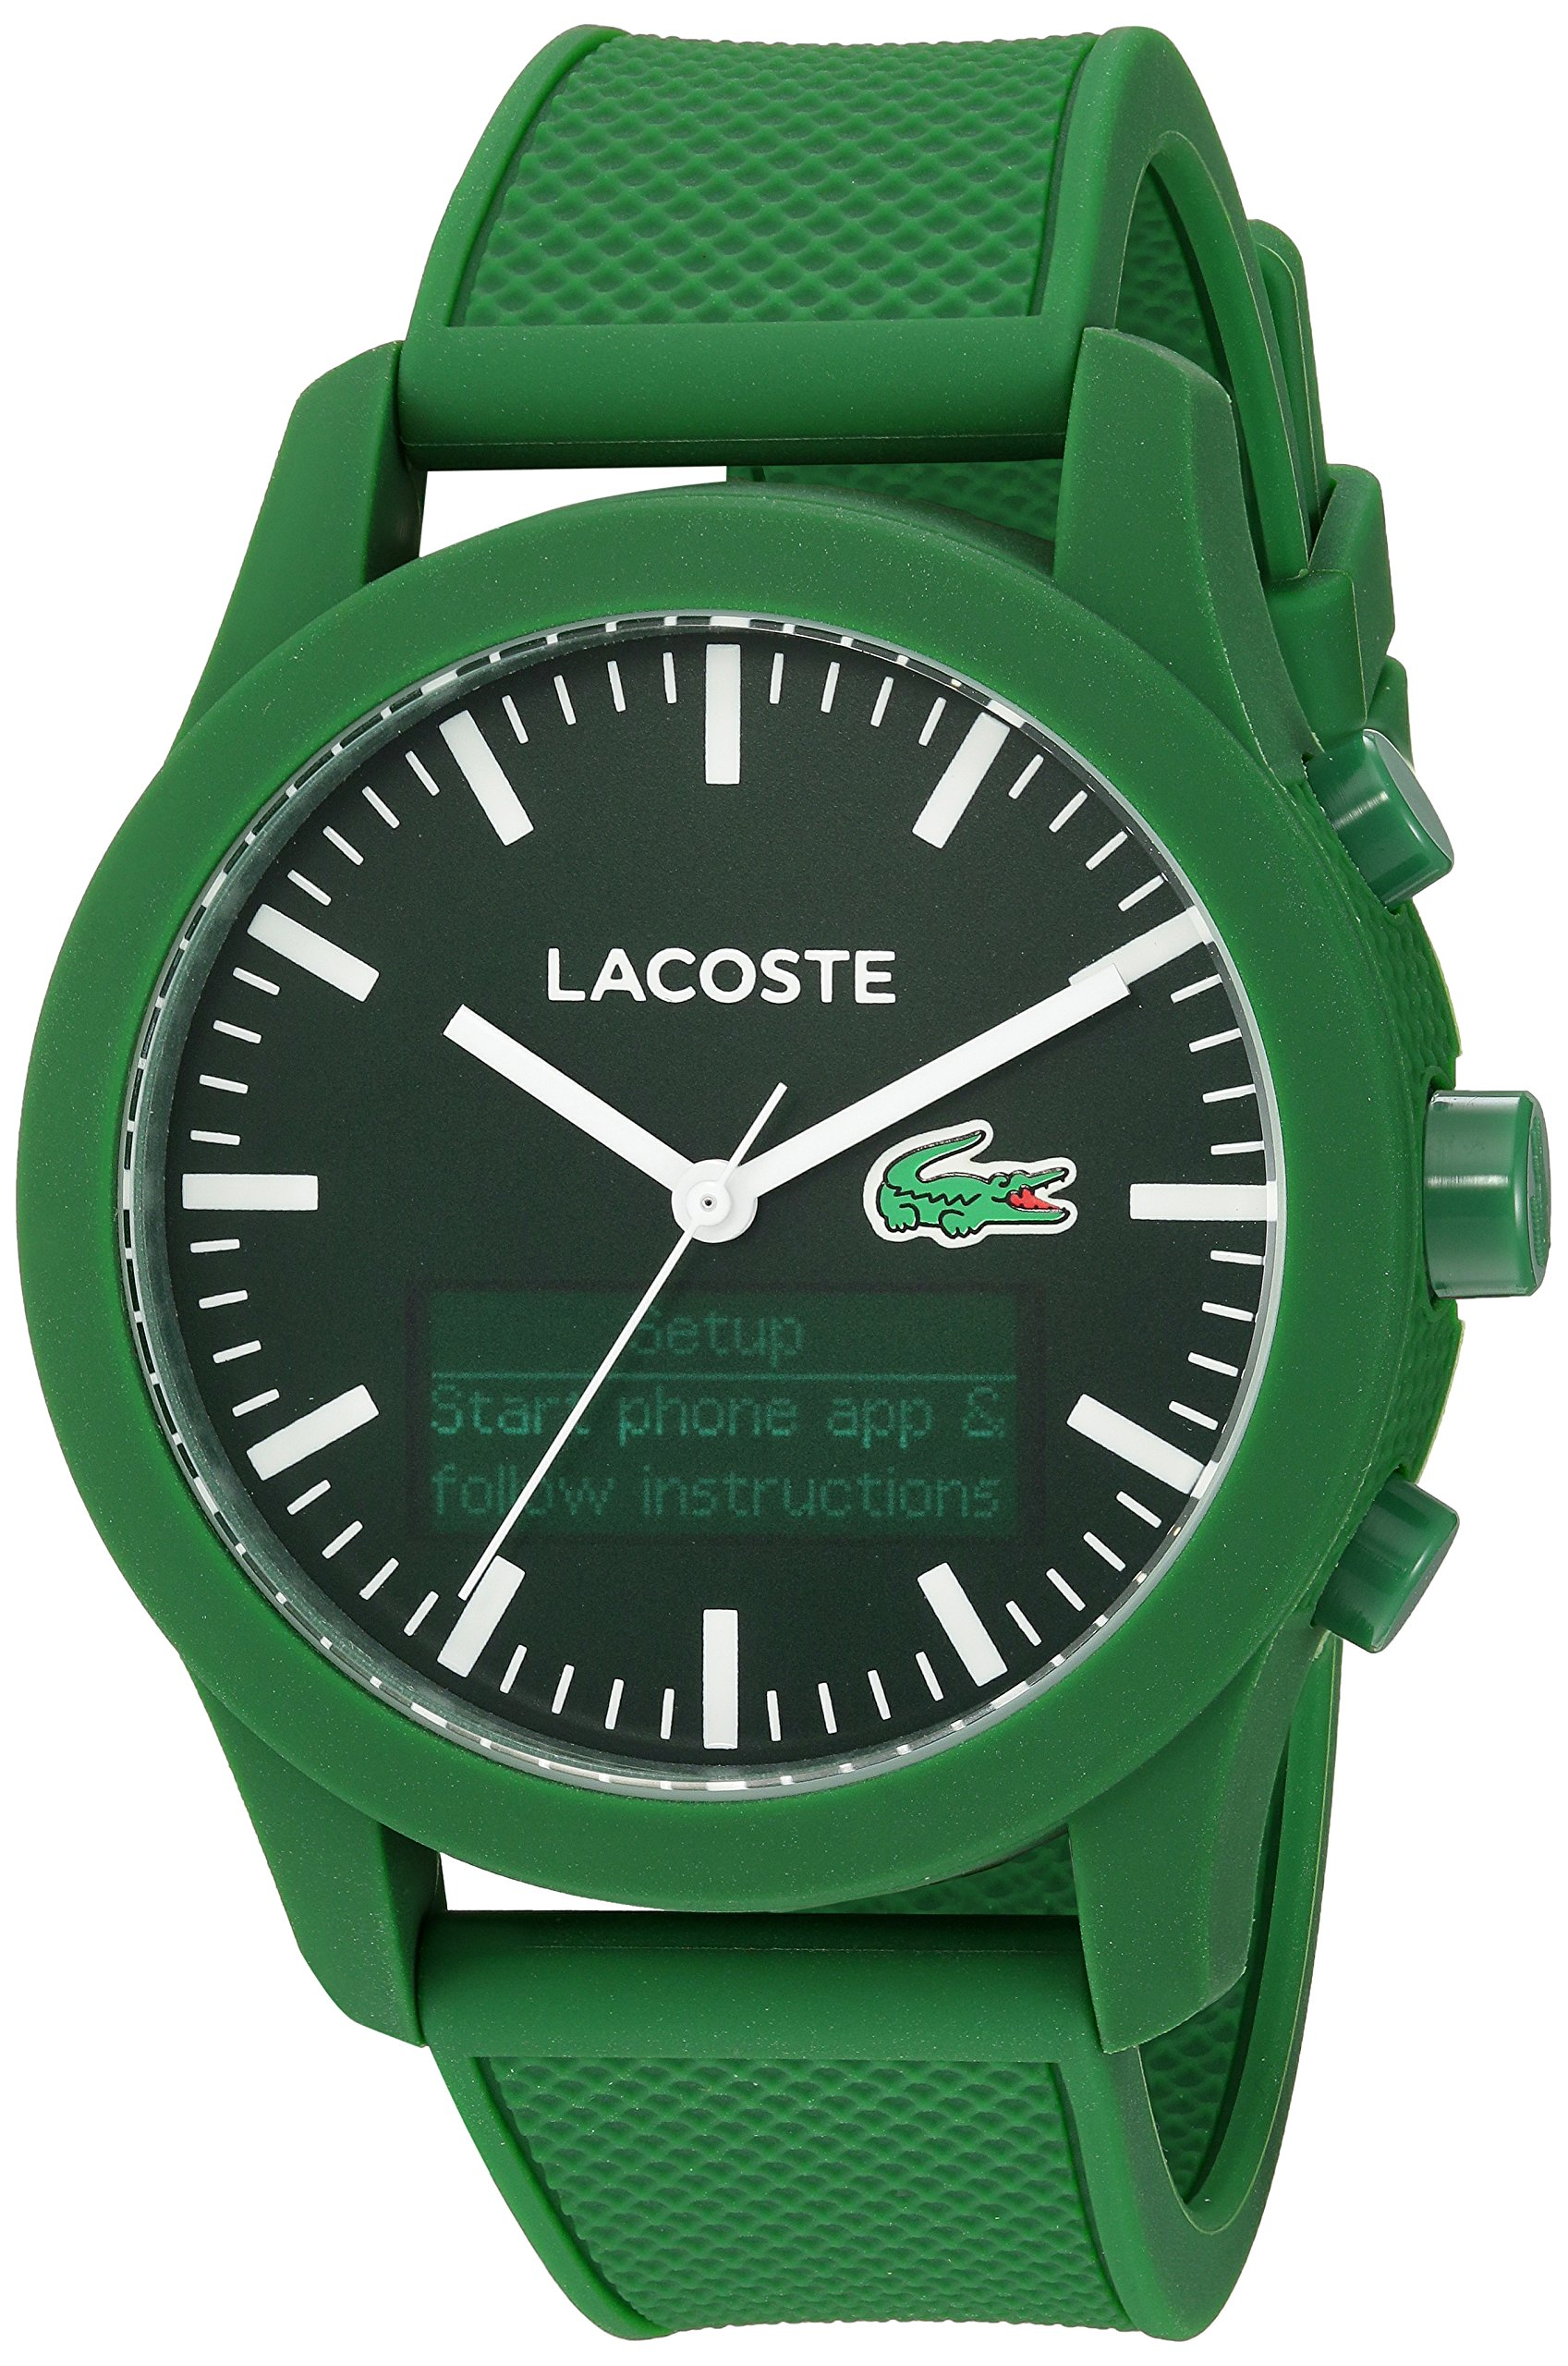 Lacoste Men's '12.12-TECH' Quartz Plastic and Rubber Smart Watch, Color:Green (Model: 2010883) by Lacoste